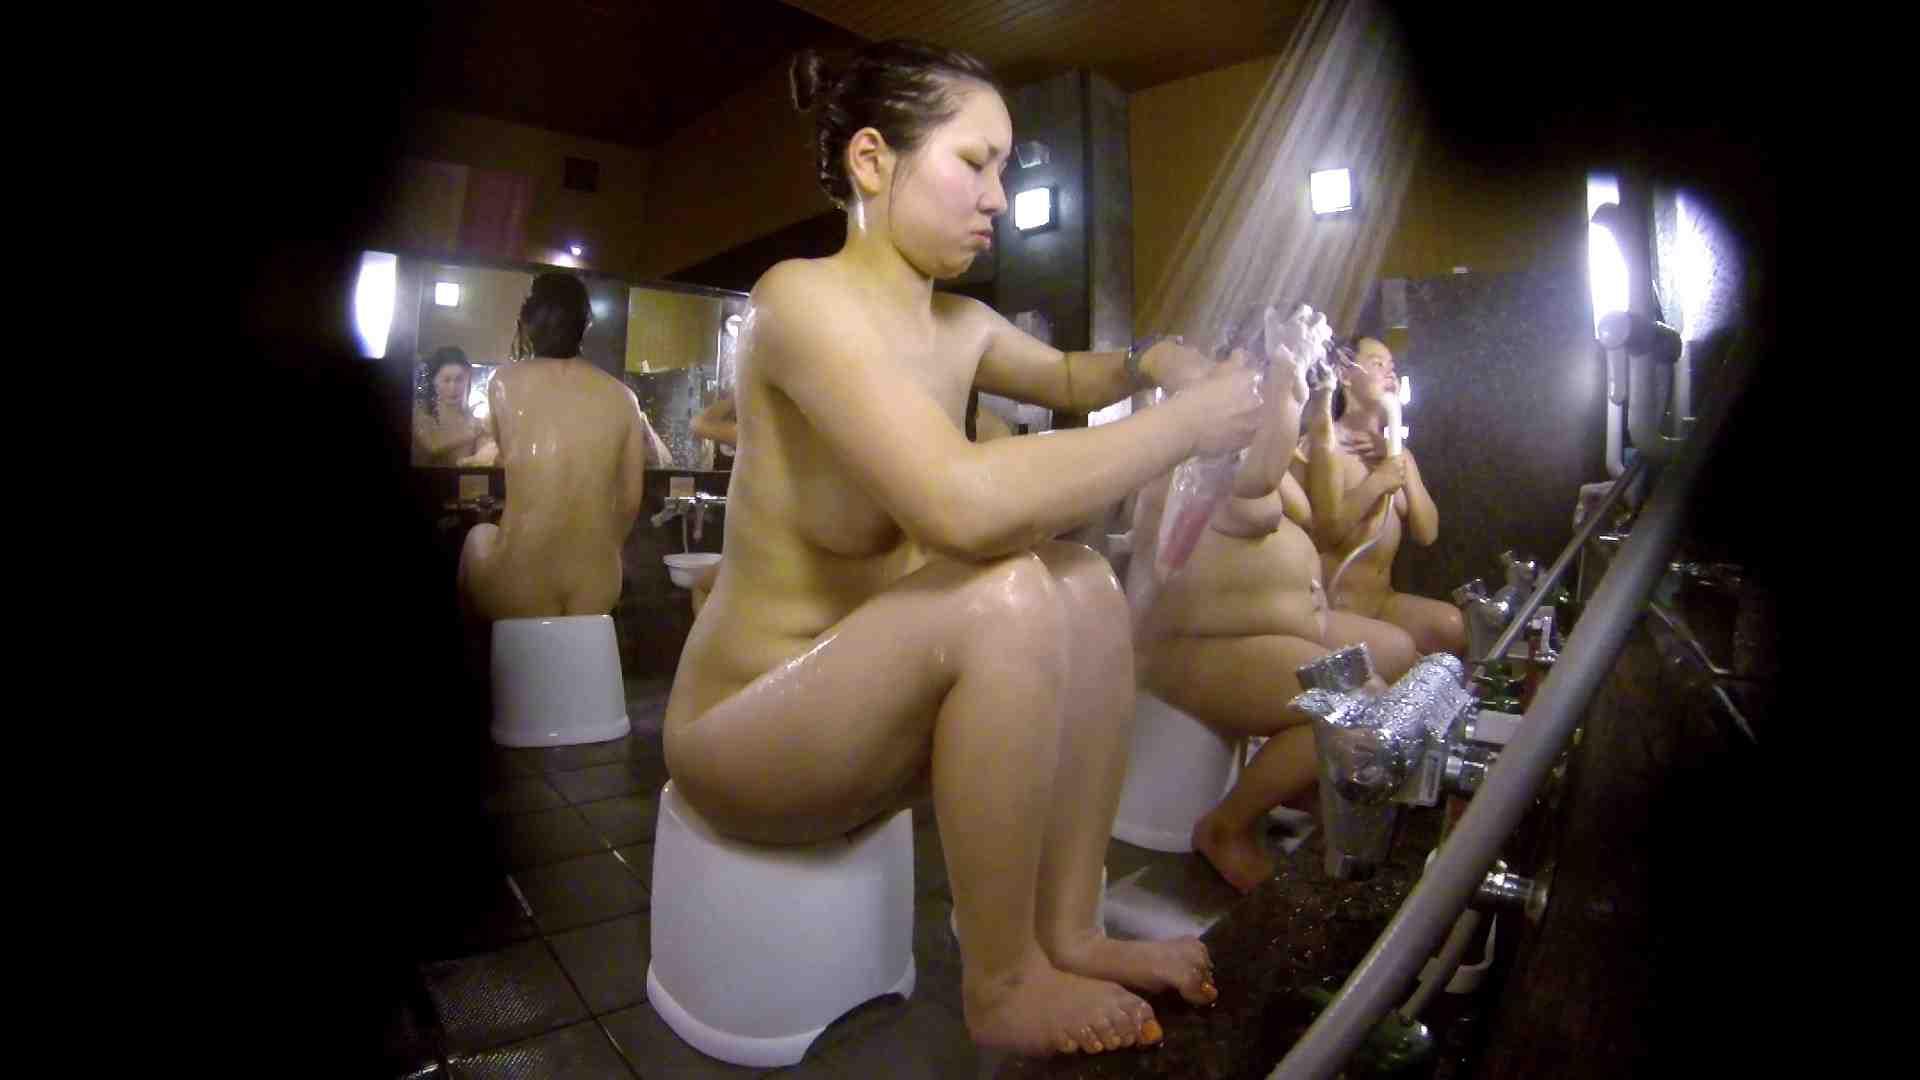 洗い場!色白でなかなかの美巨乳。柔らかく揺れまくりです 銭湯事情 性交動画流出 94枚 22